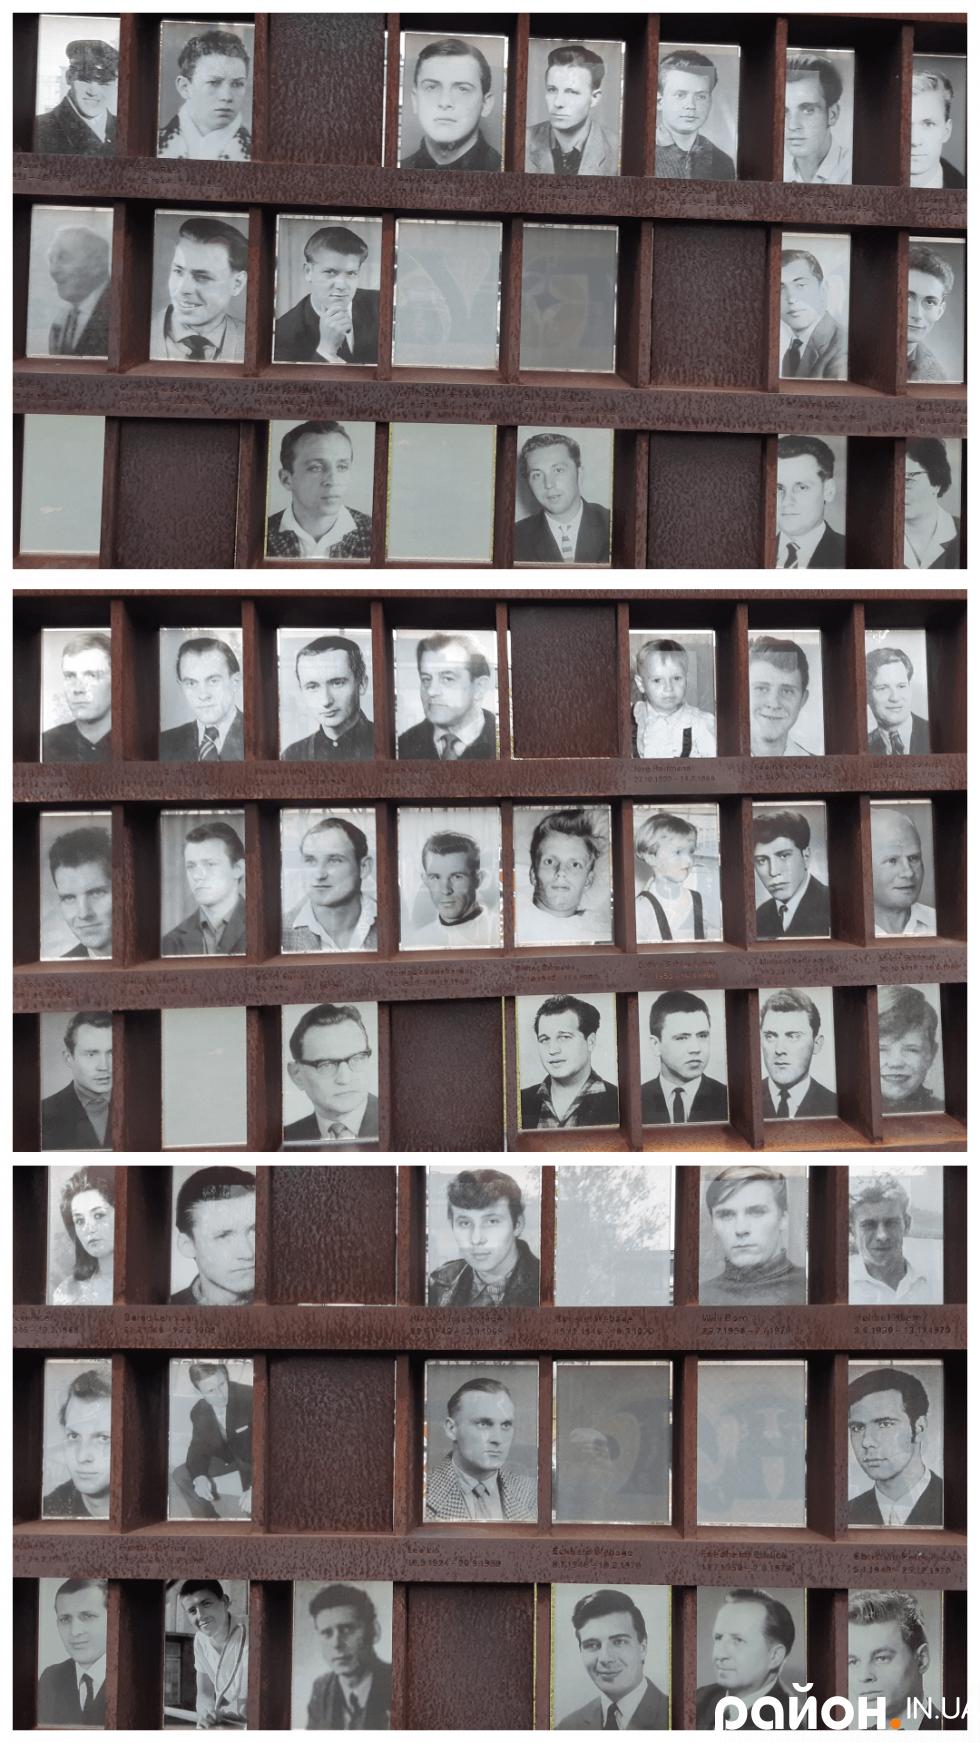 Вікна пам'яті про 138 берлінців, які загинули при спробі втечі у західну частину міста. Ще орієнтовно 150 осіб погубили життя уздовж залізної завіси по всій території НДР